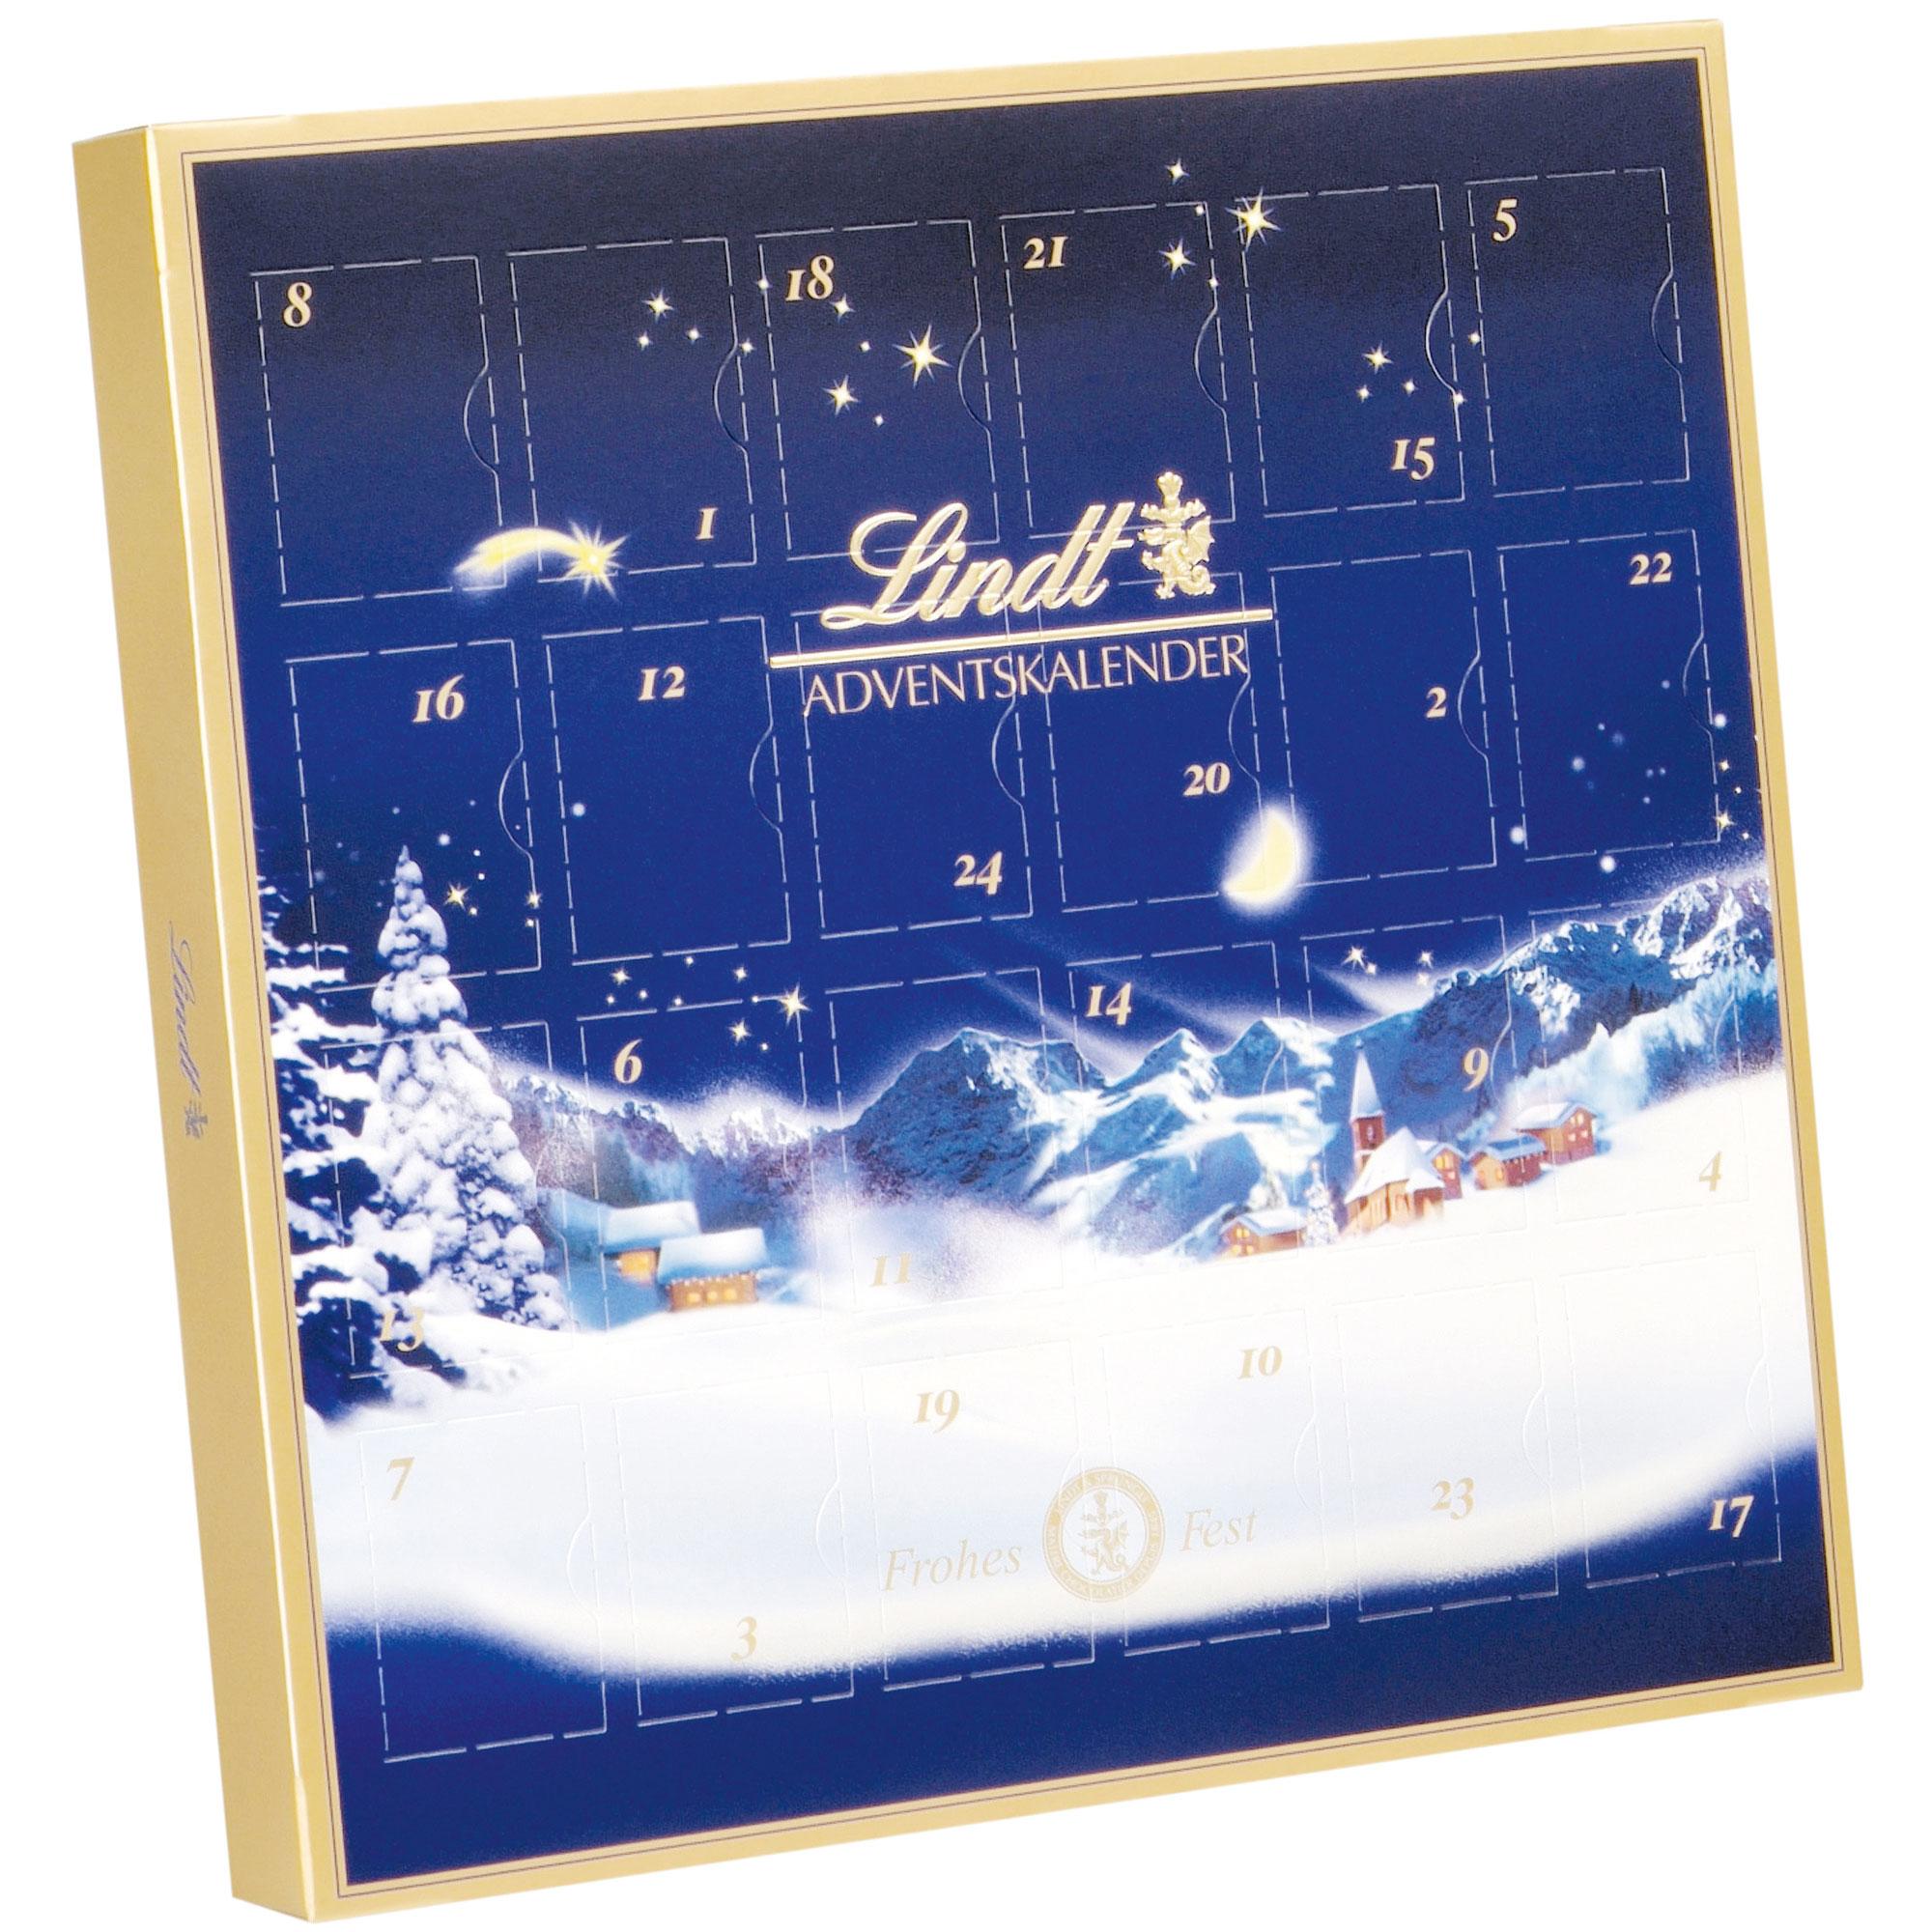 lindt weihnachtszauber mini tisch adventskalender online kaufen im world of sweets shop. Black Bedroom Furniture Sets. Home Design Ideas